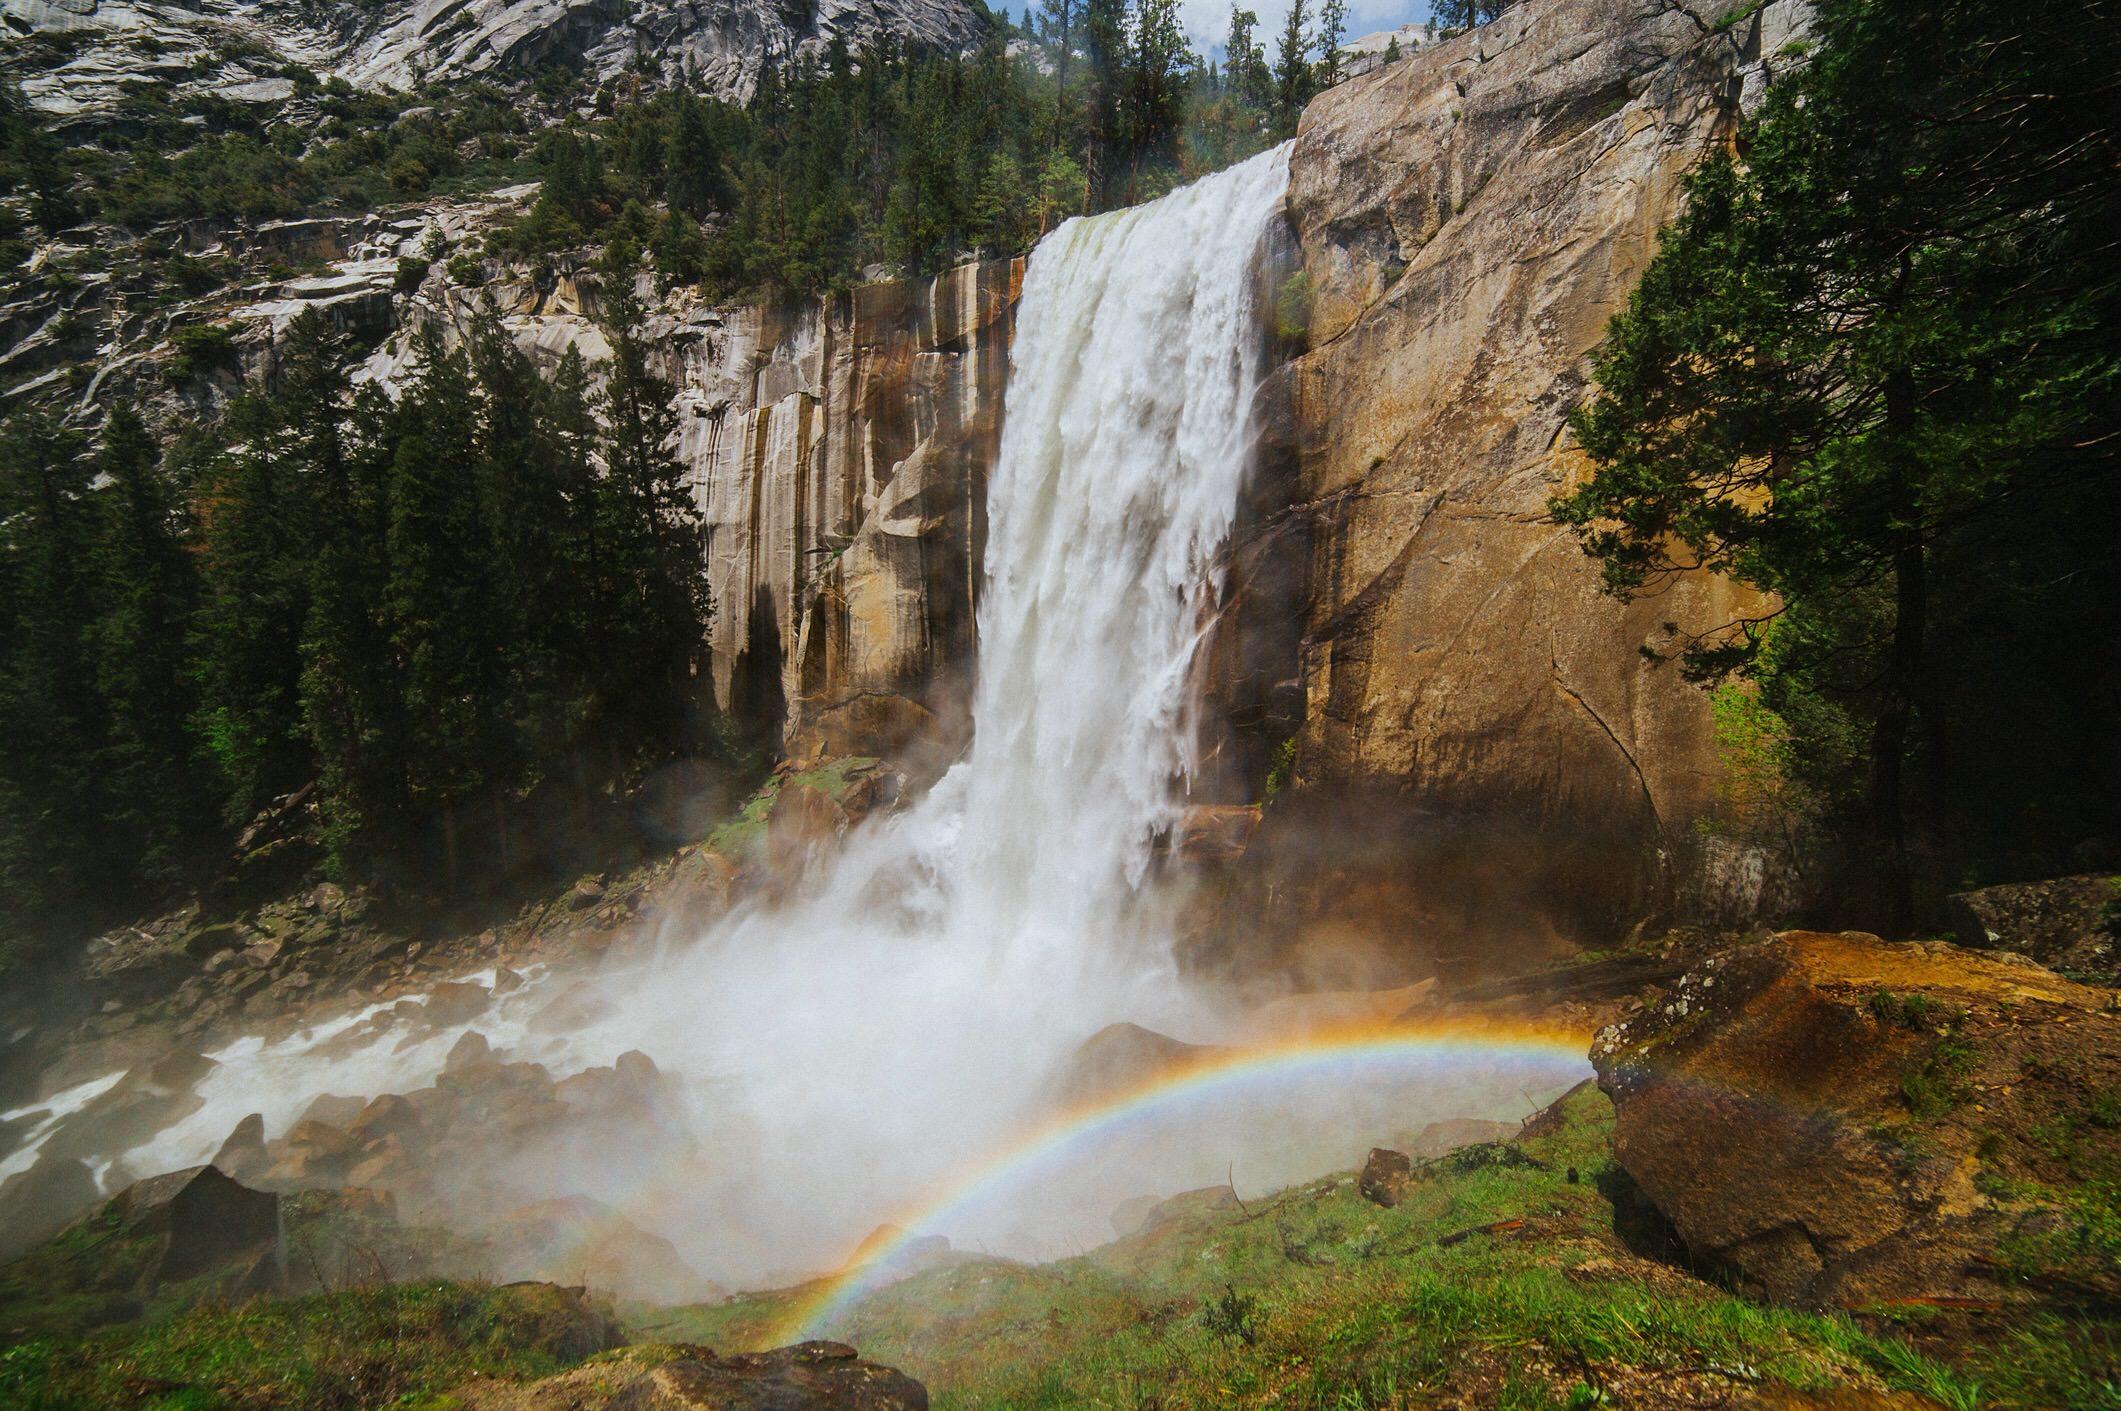 Waterfall Yosemite California.JPG